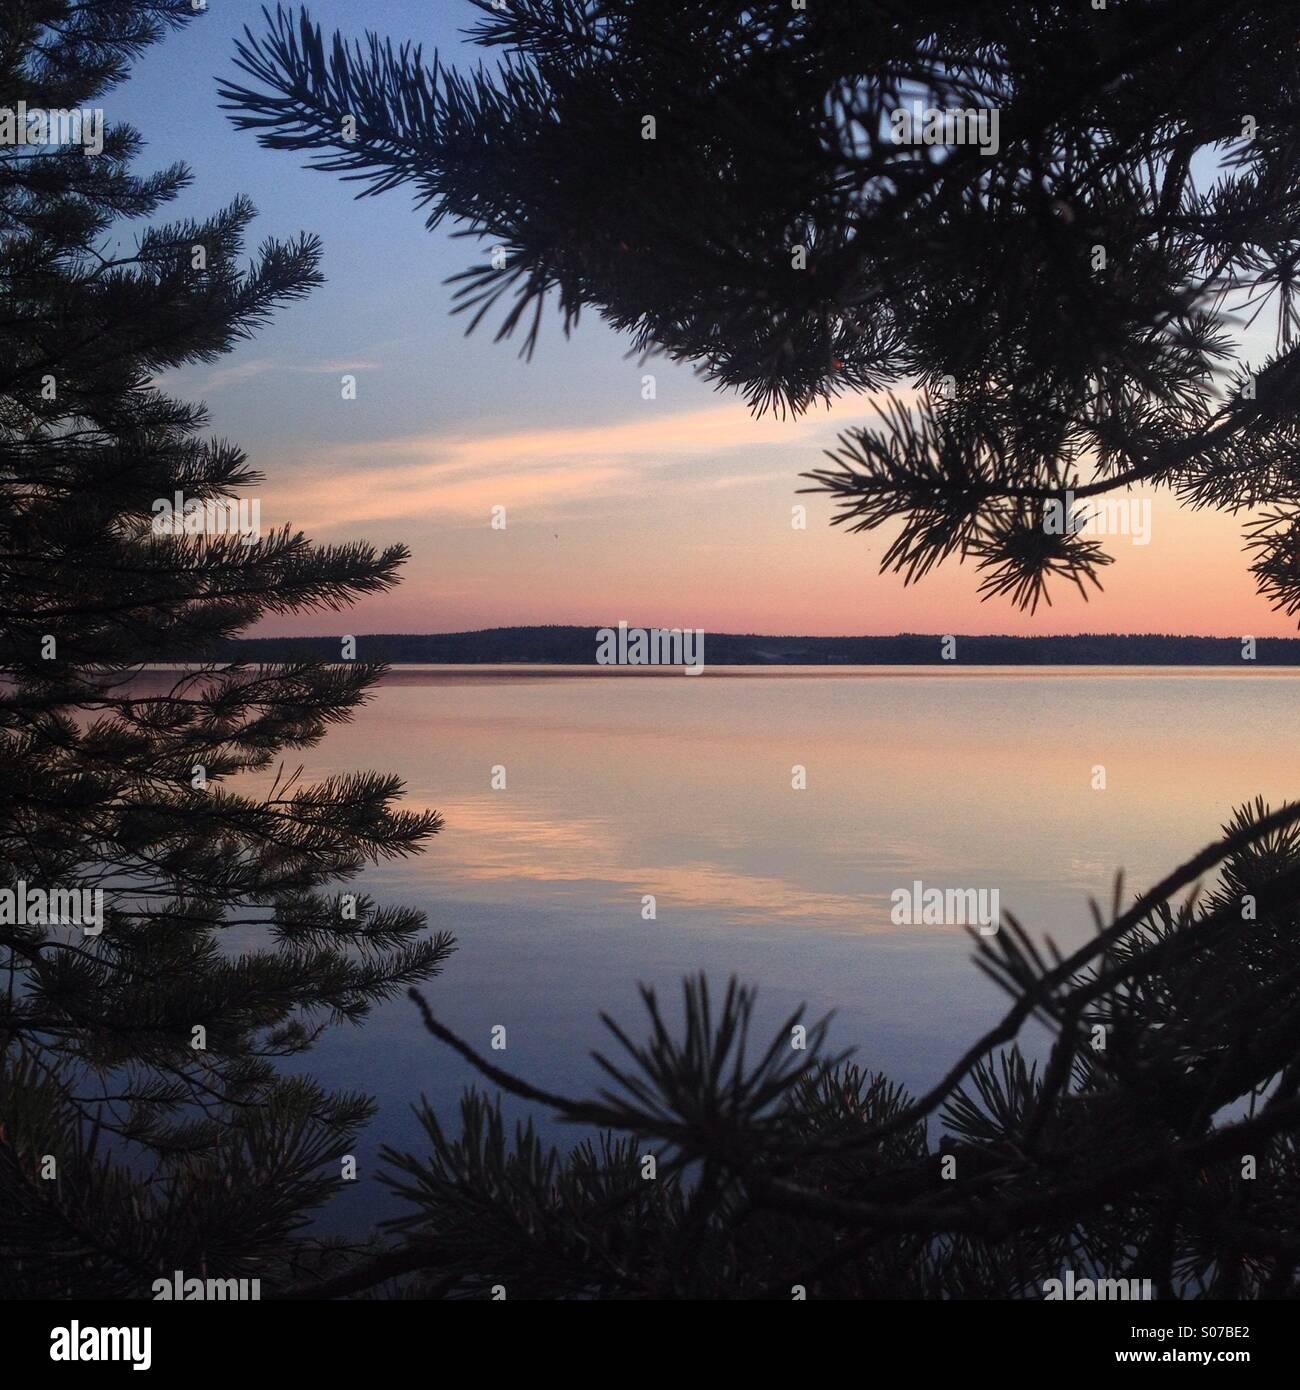 Mitternachtssonne in einem Wald bei einem nordischen Arktis See im Norden Finnlands im Sommer Stockbild